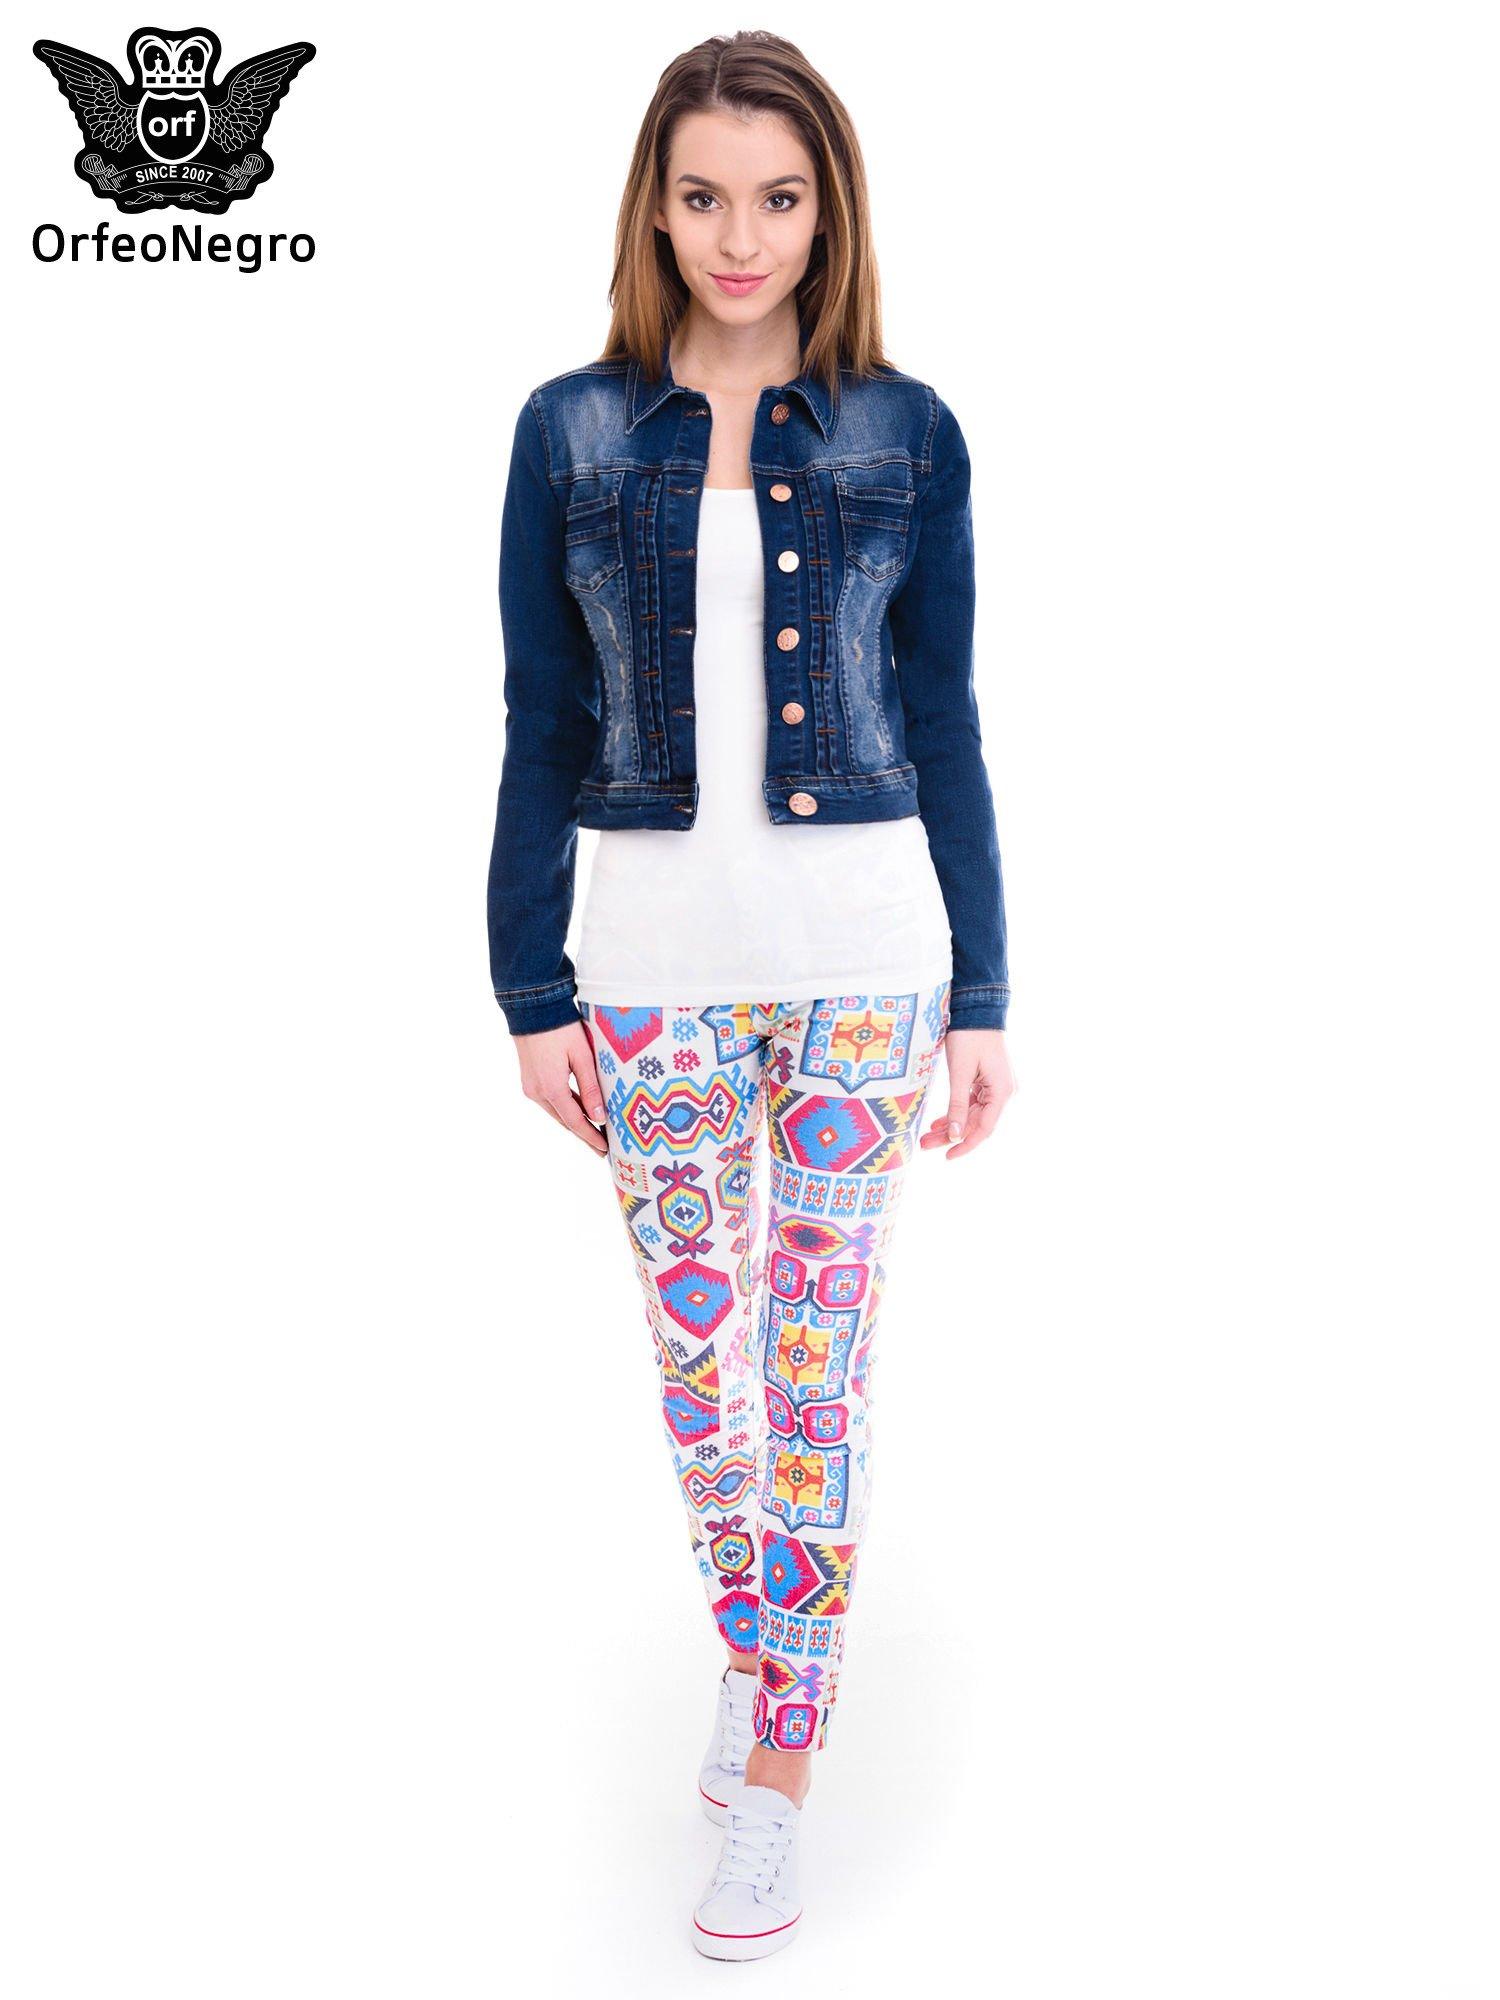 Ciemnoniebieska kurtka jeansowa damska z cieniowaniem i przetarciami                                  zdj.                                  2